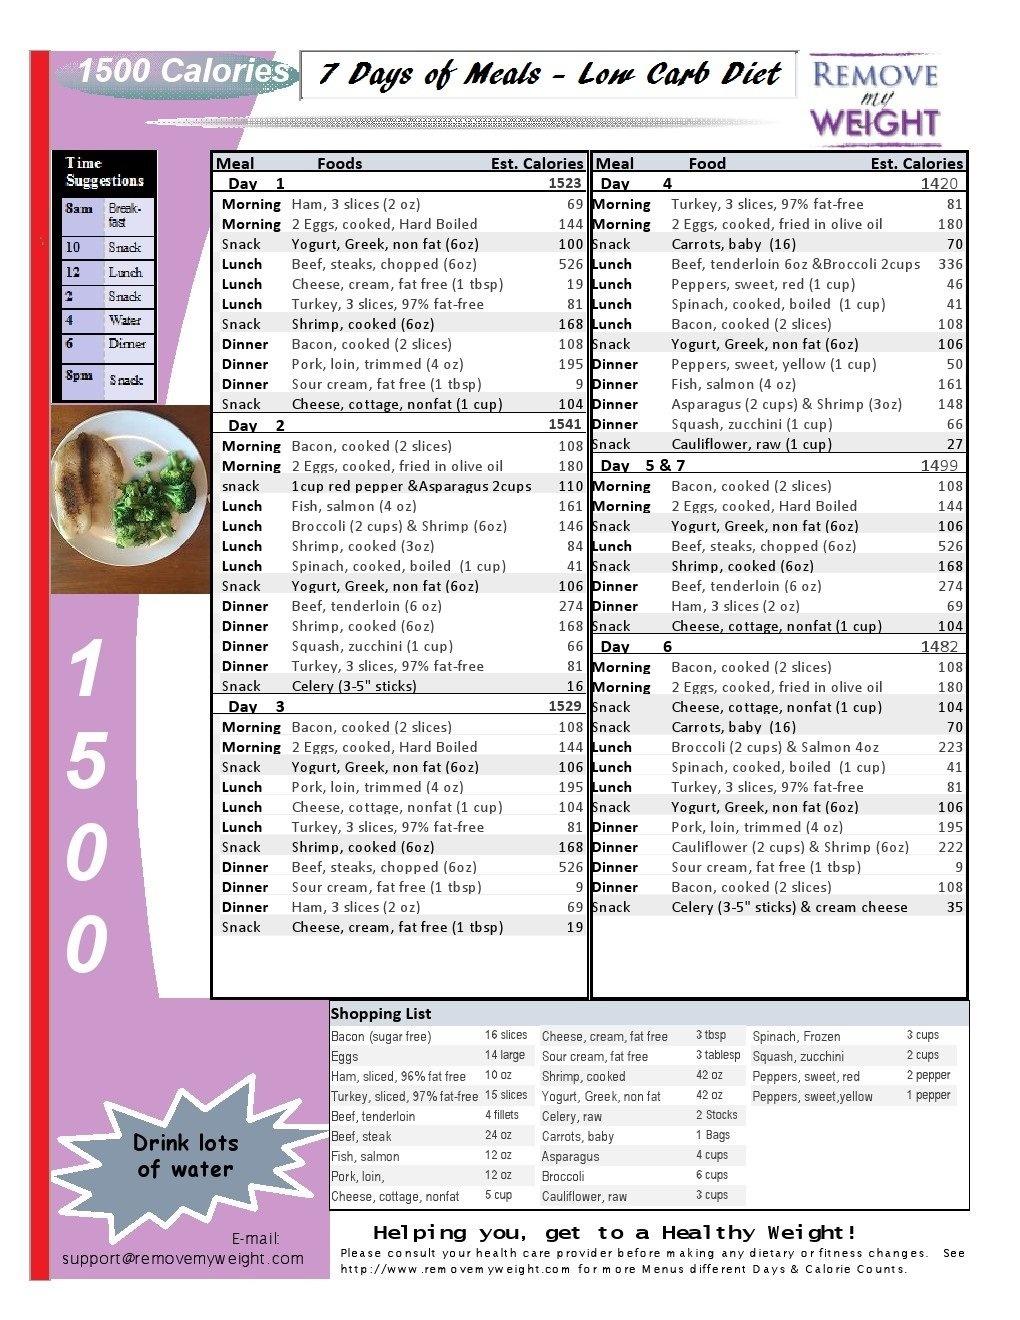 Printable Low Carb Diet: 1 Week -1500 Calorie Menu Plan - Menu Plan - Free Printable Low Carb Diet Plans